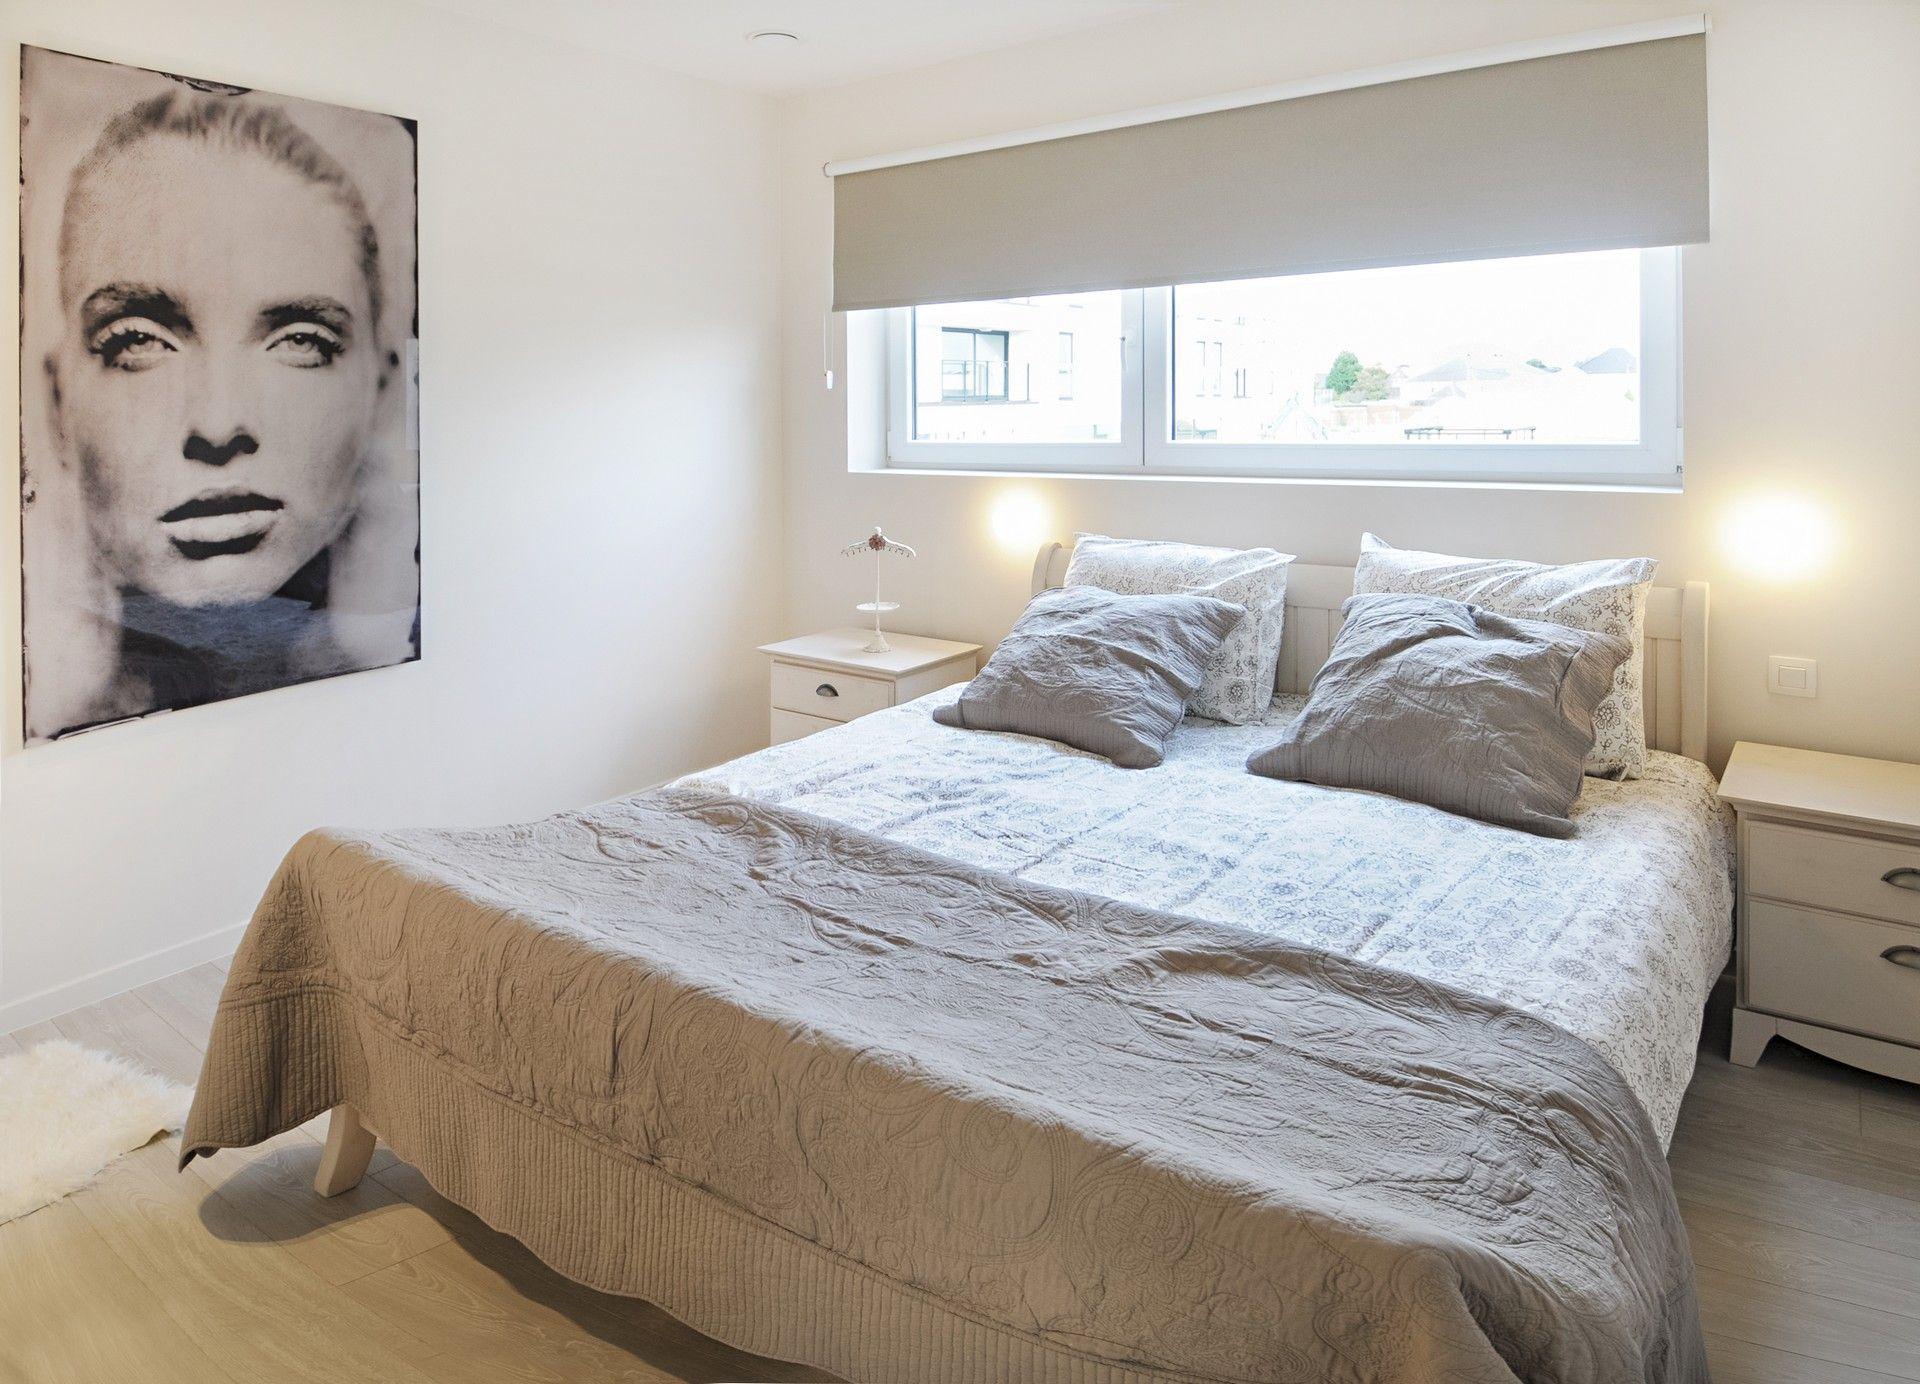 Kijkwoning destelbergen slaapkamer realisaties inspiratie